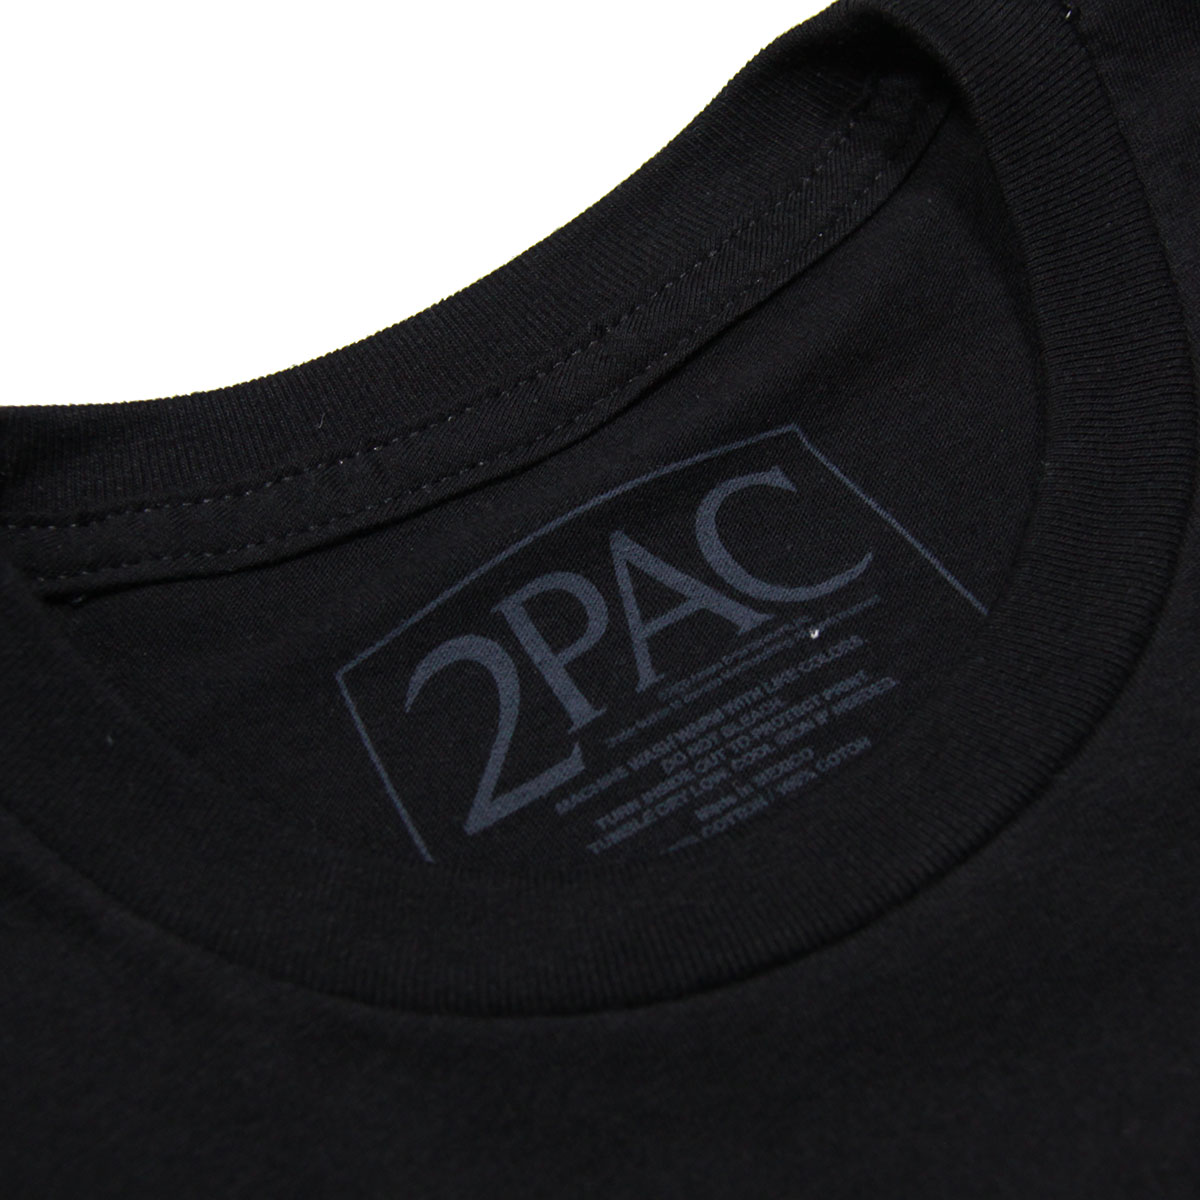 ミュージックティ バンドTシャツ メンズ 正規品 MUSIC TEE フォトT ロックTシャツ 半袖Tシャツ トゥーパック 2パック 2PAC POP ART TEE MUSIC TEE AB5B B1C C1D D1E E13F